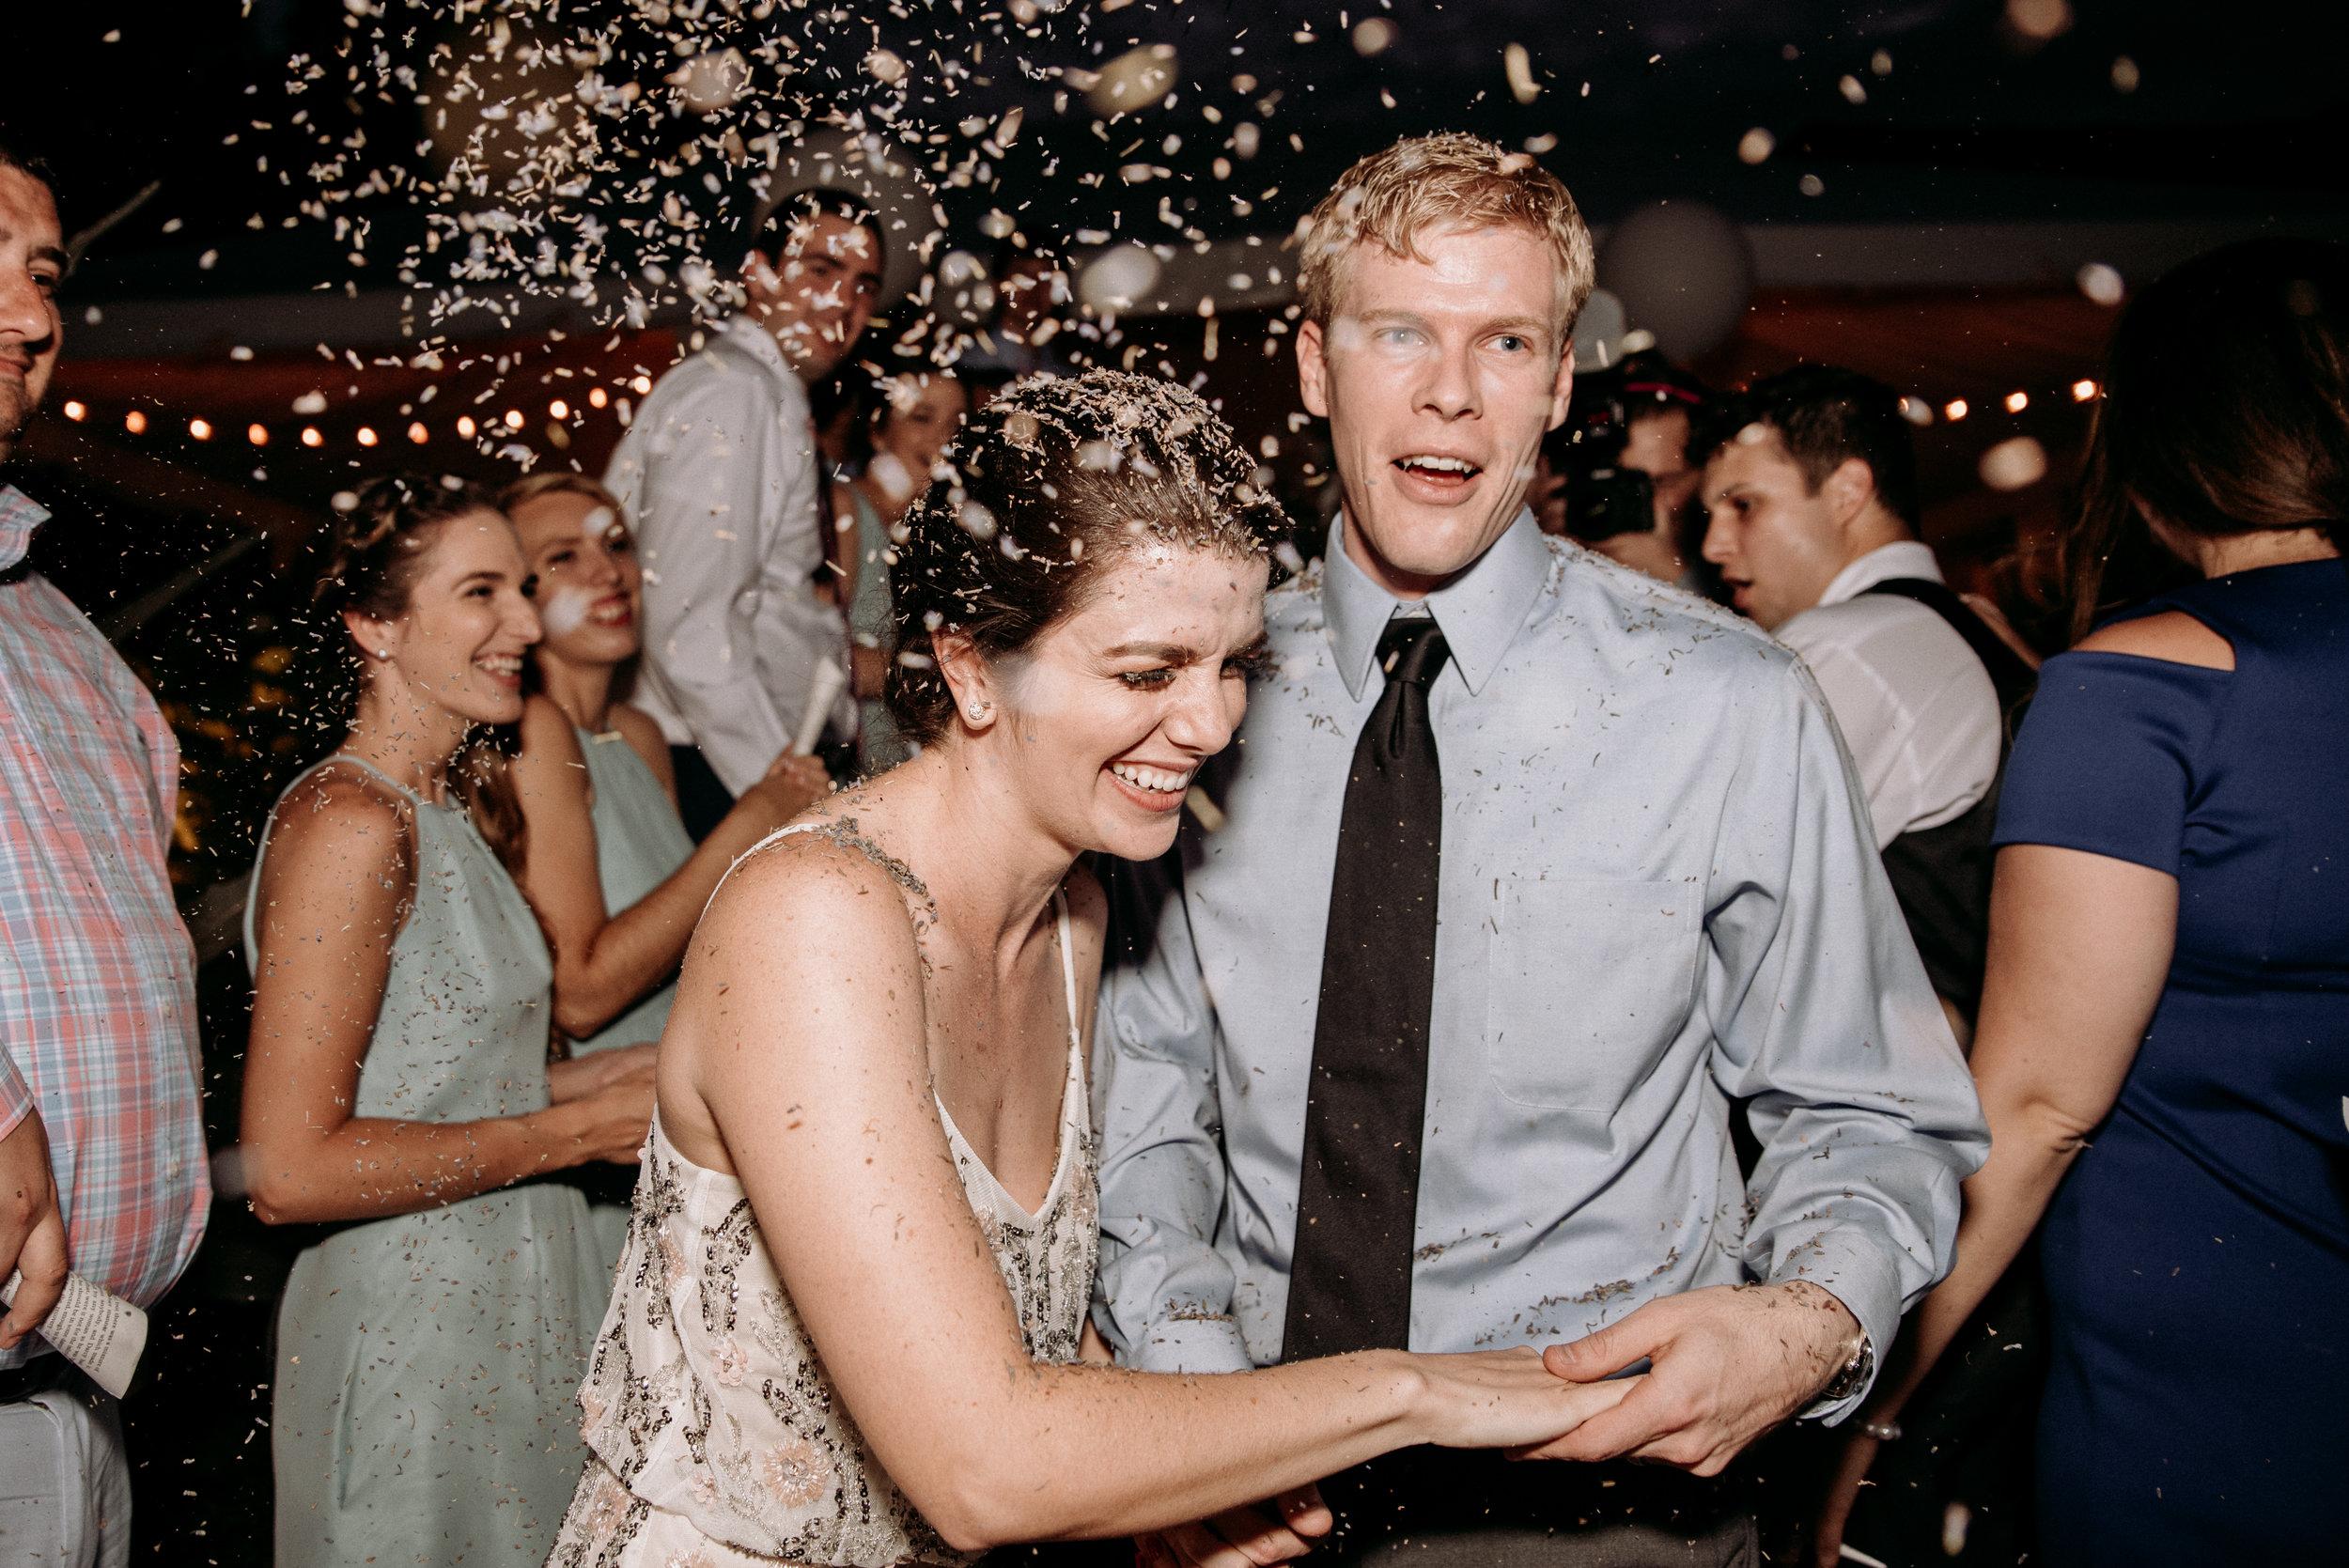 Ashley + Brett Wedding - Casa Feliz, Winter Park, FL